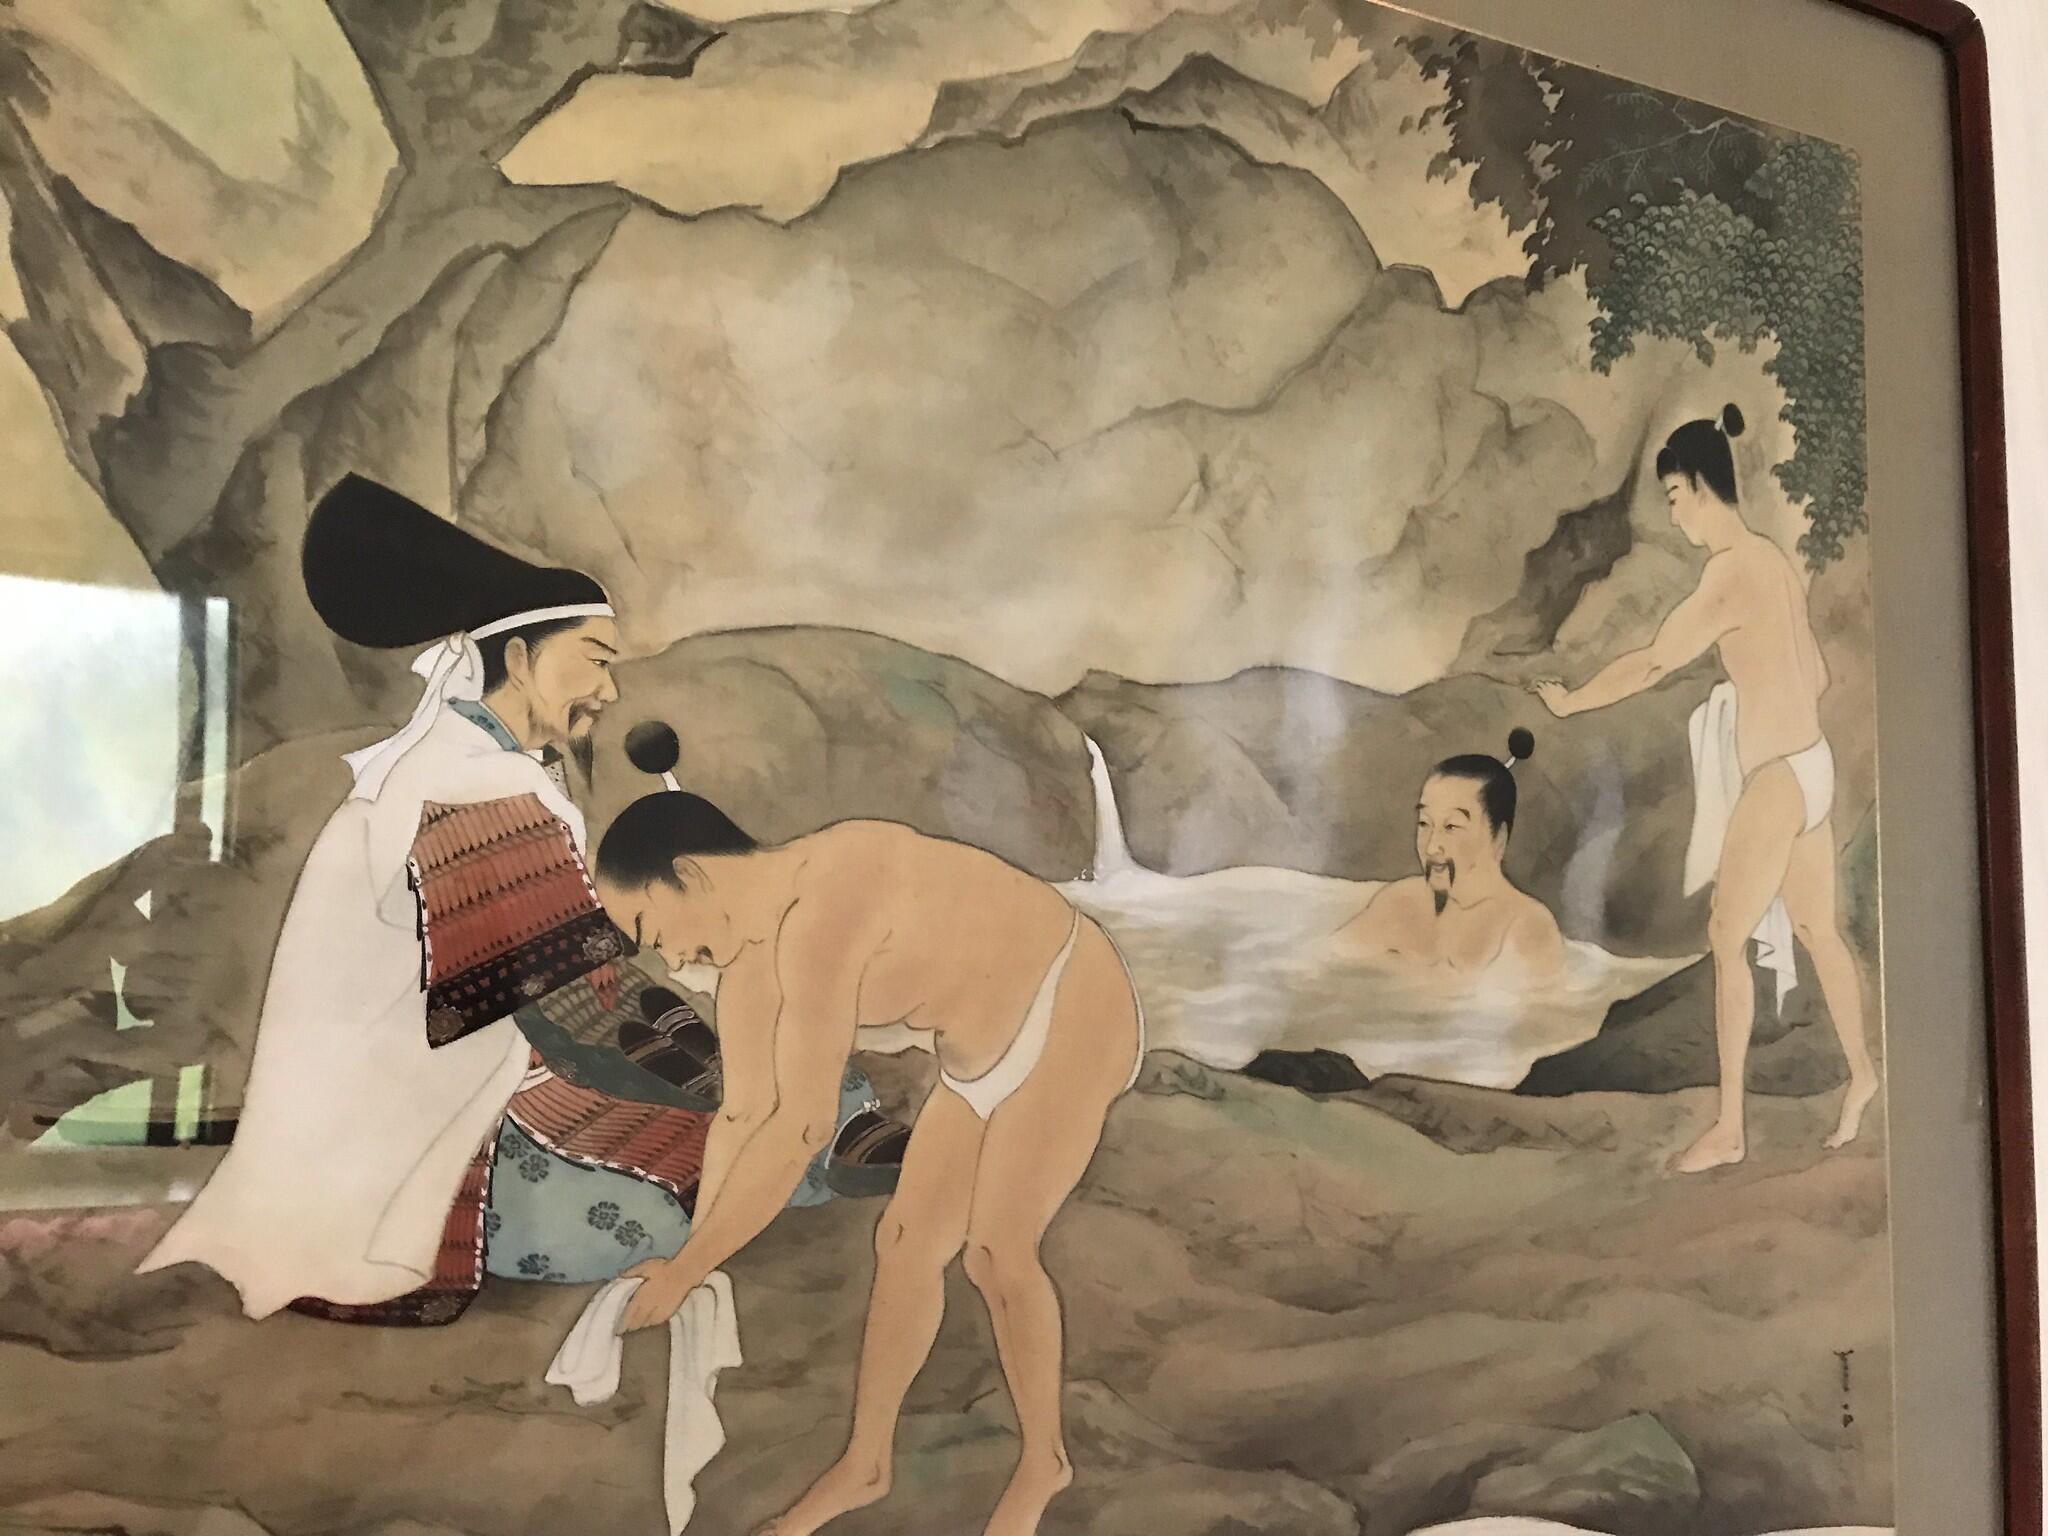 لماذا يغتسل معظم اليابانيين في الليل؟